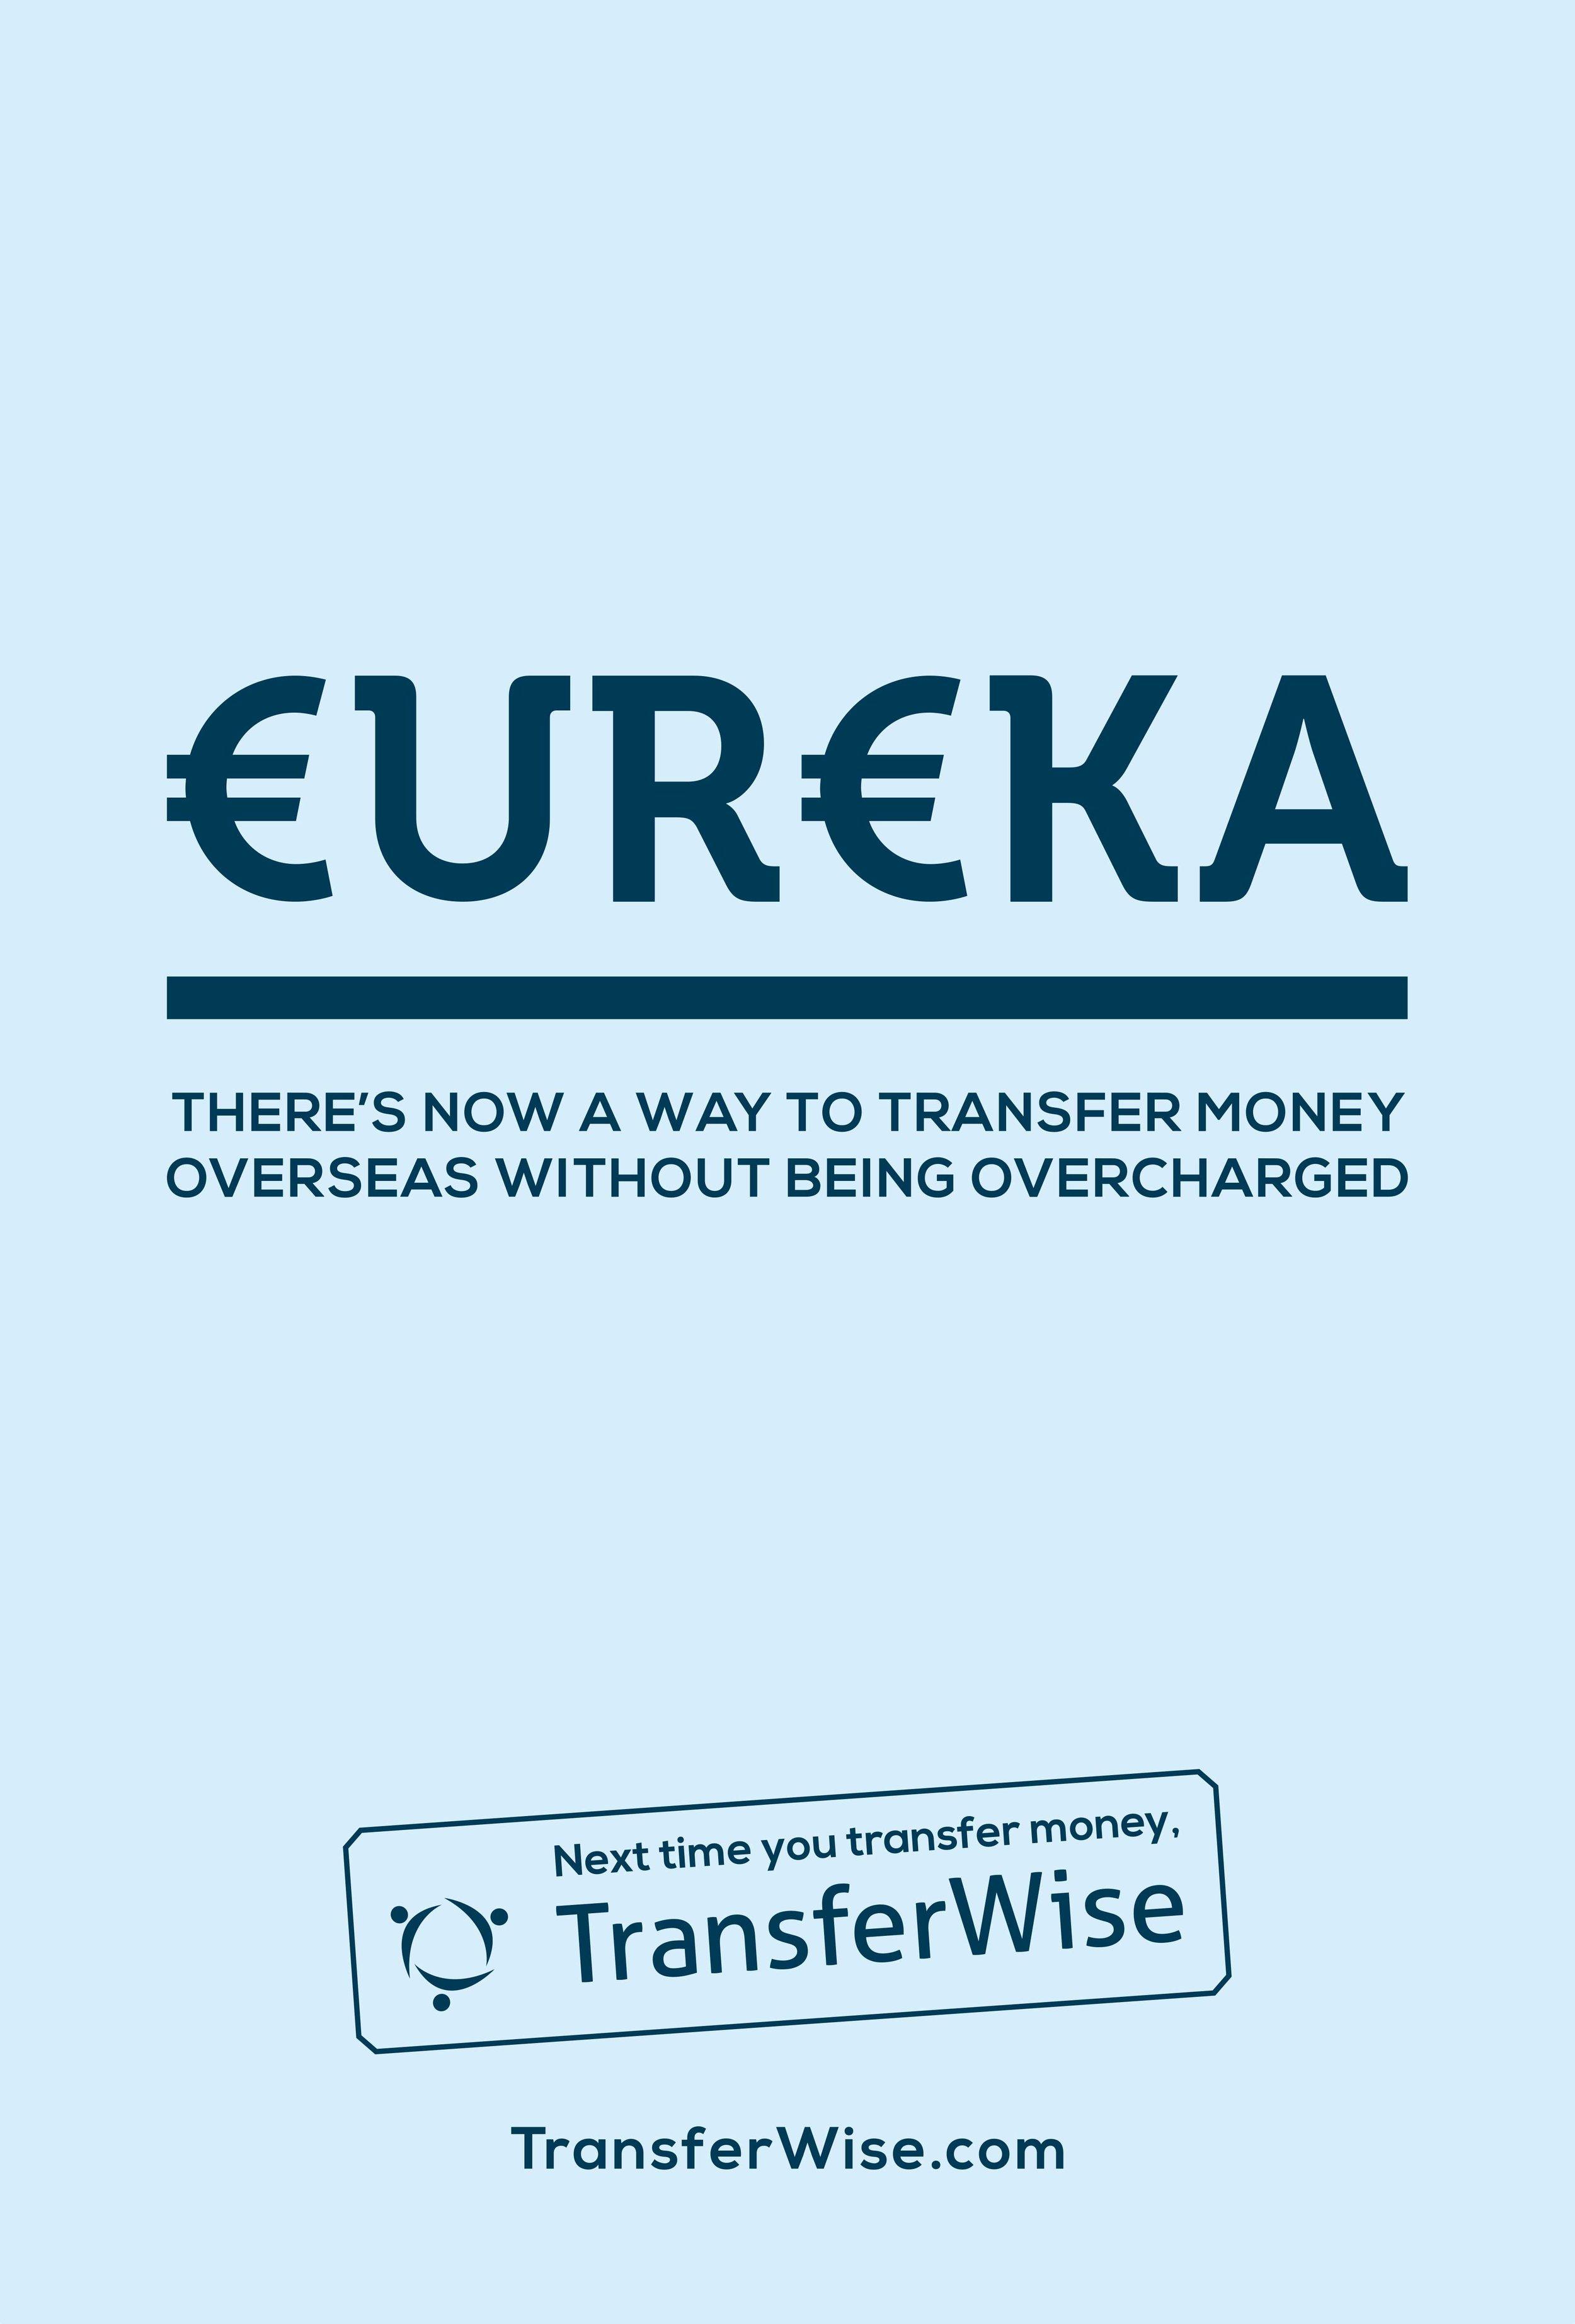 TRANSFERWISE--eureka.jpg